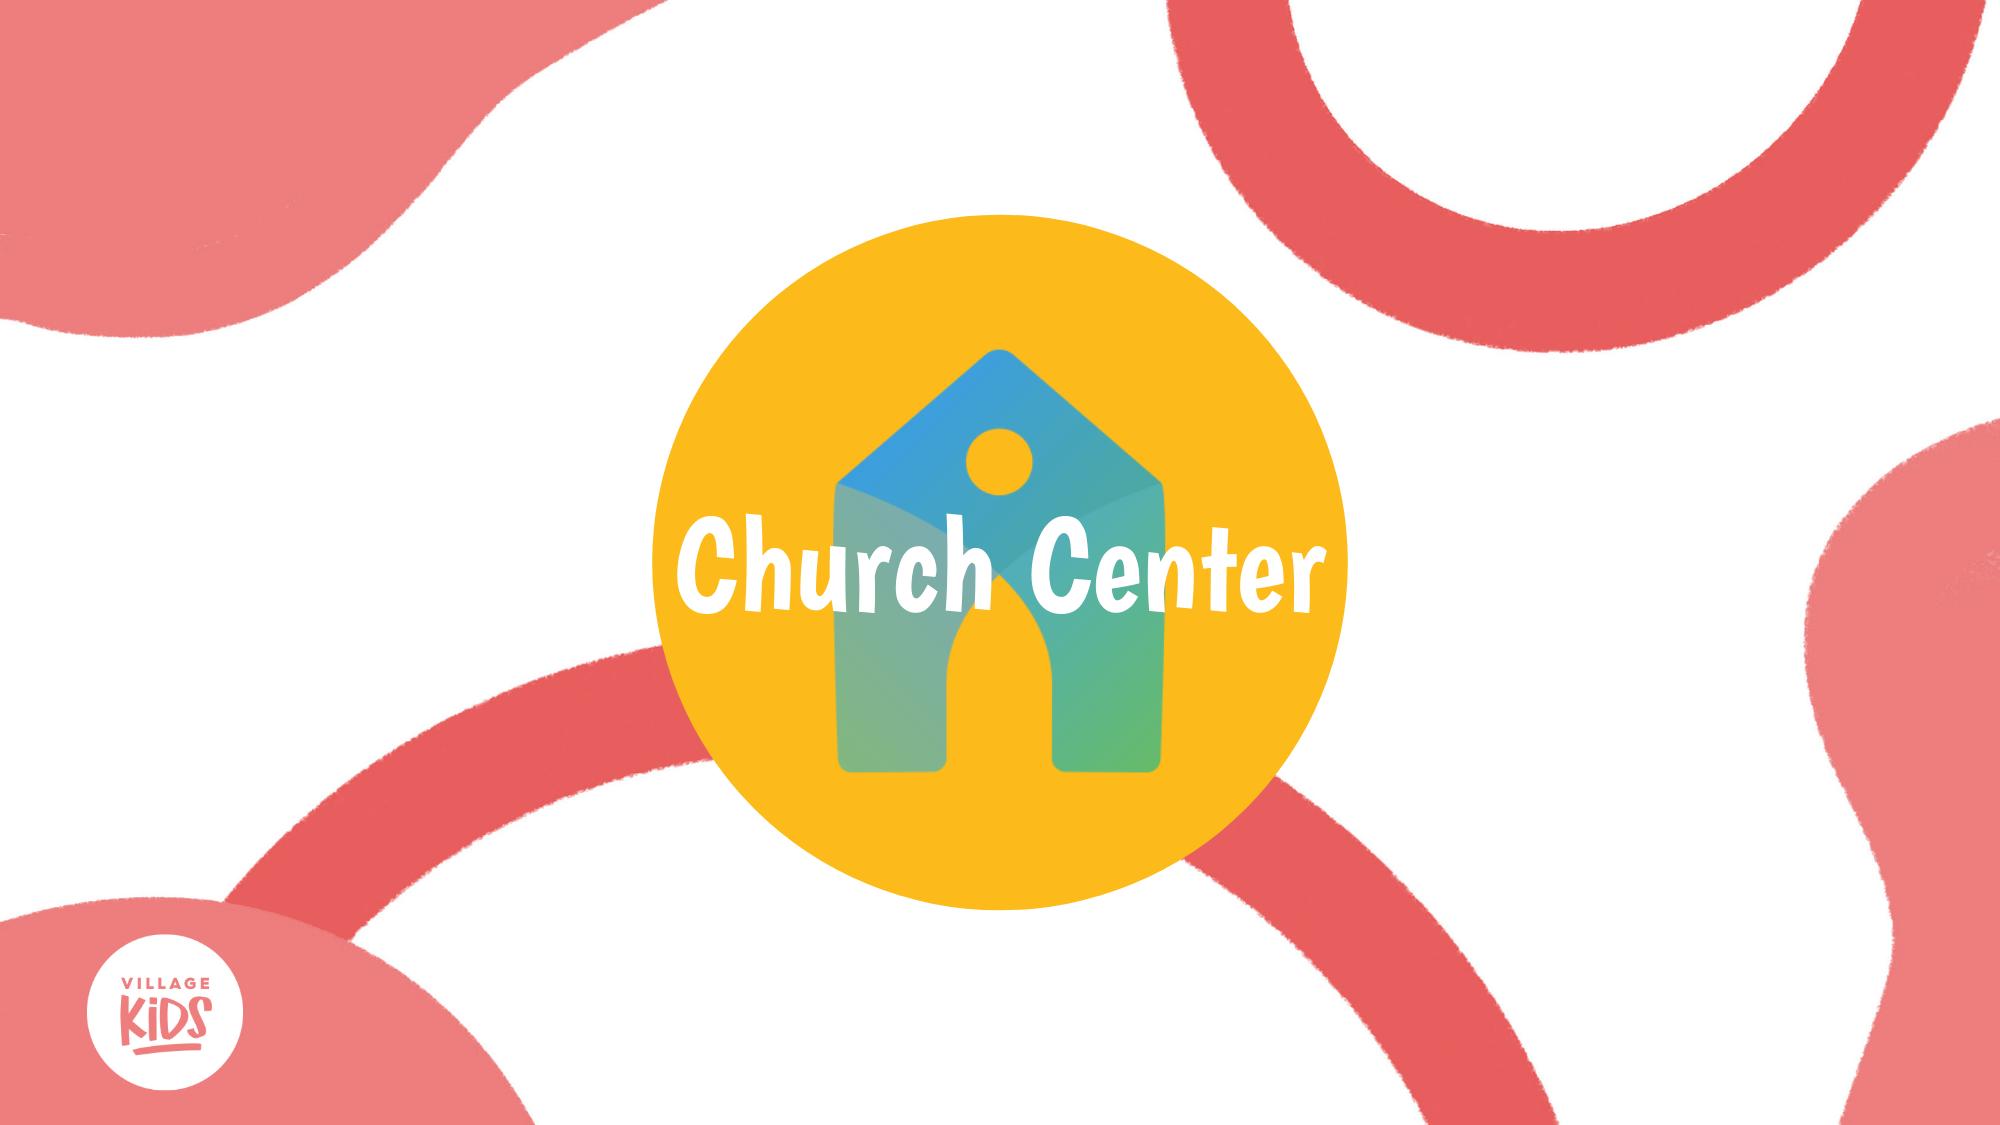 village kids church center